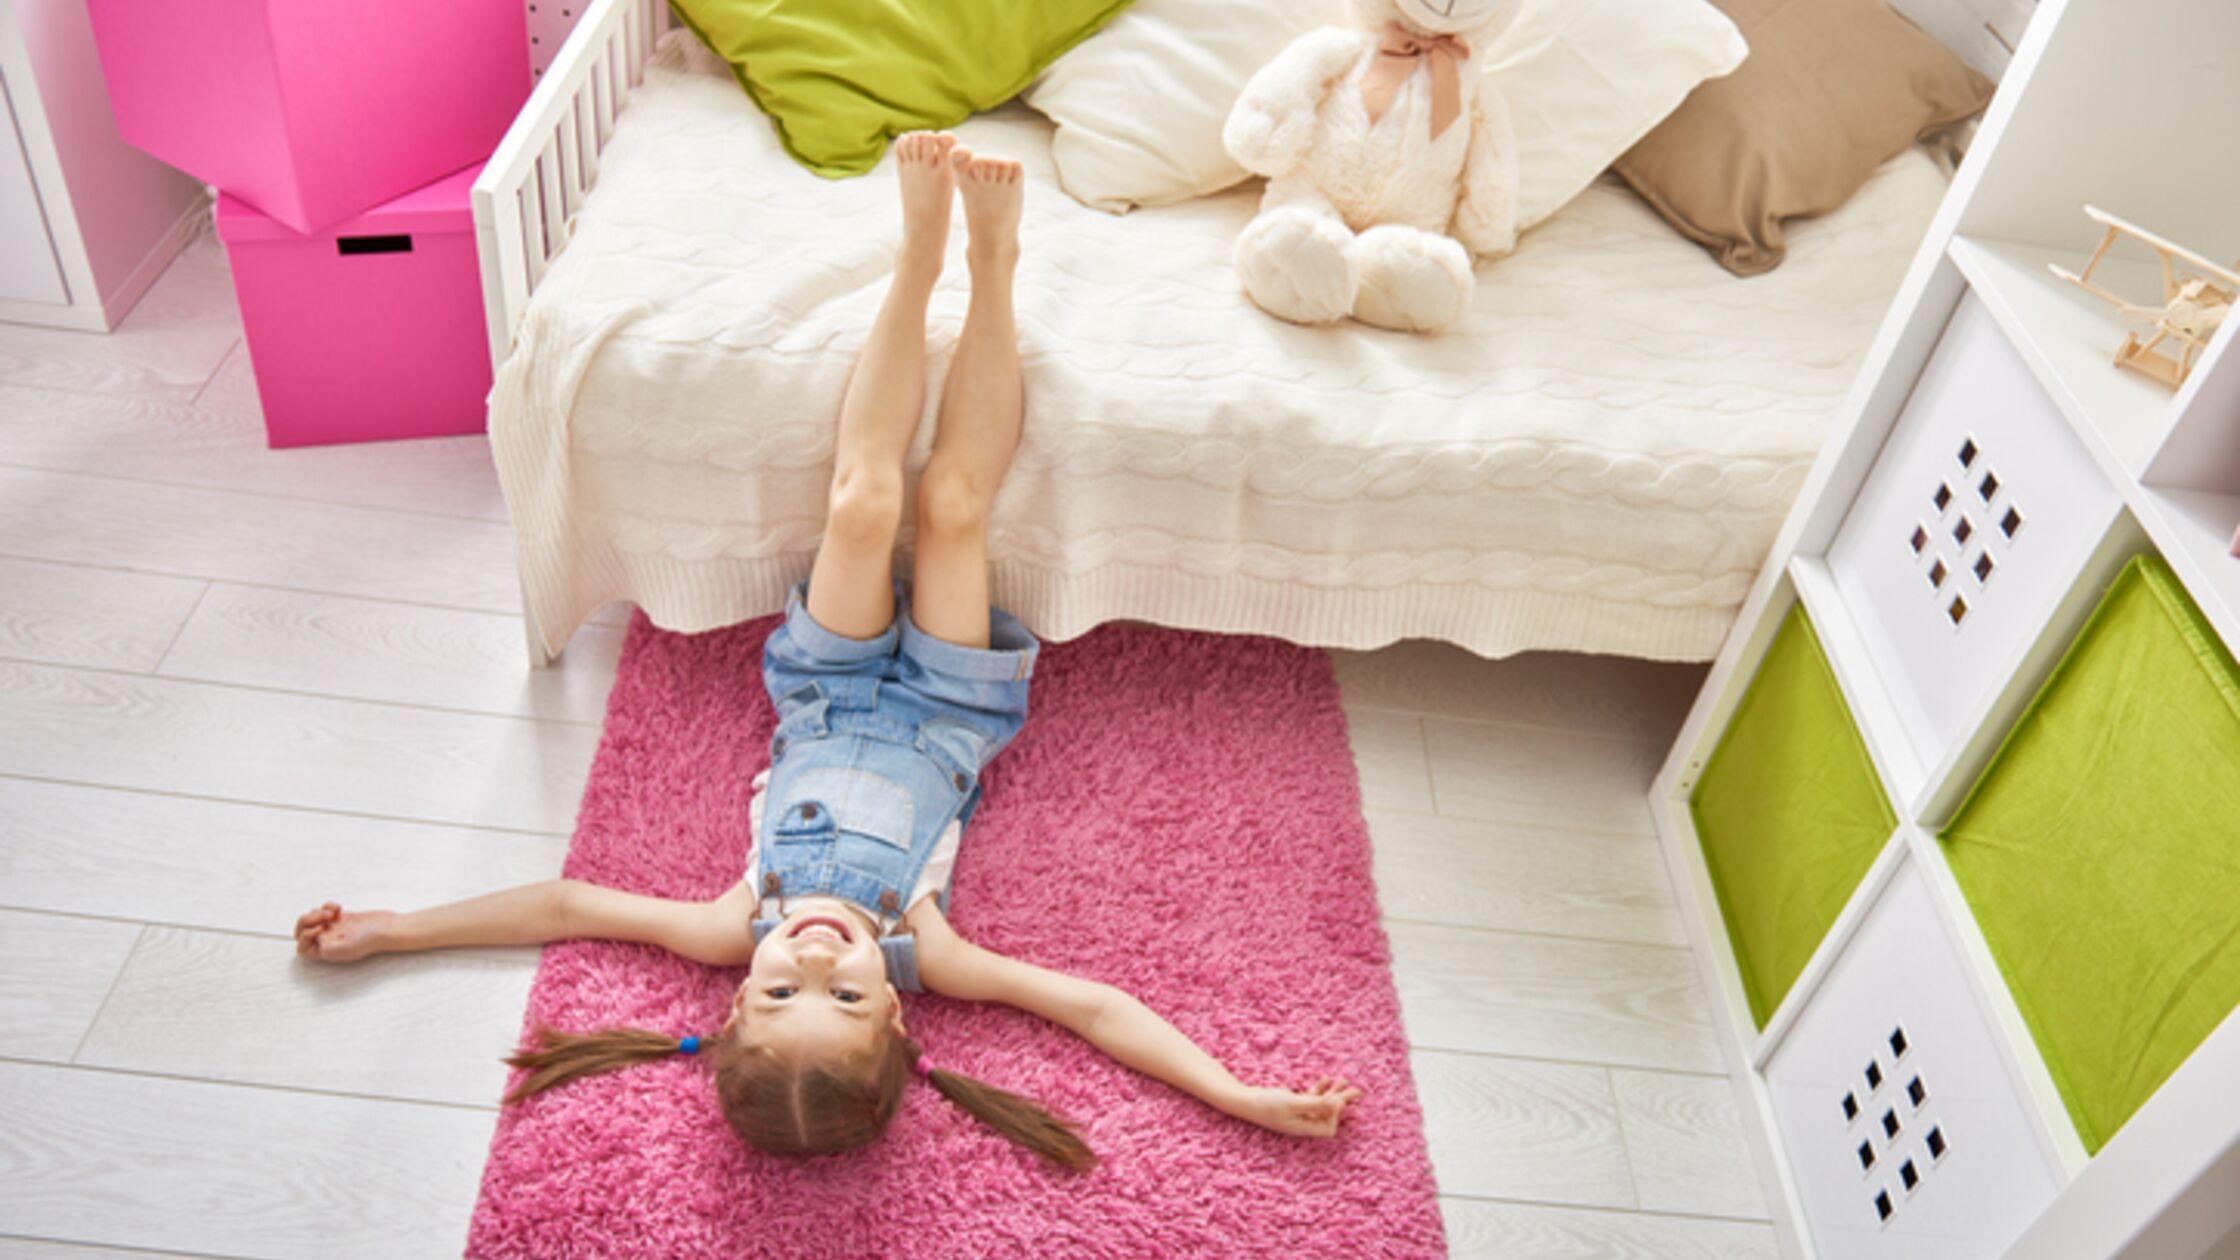 Kinderzimmer einrichten: Ideen für eine robuste Ausstattung